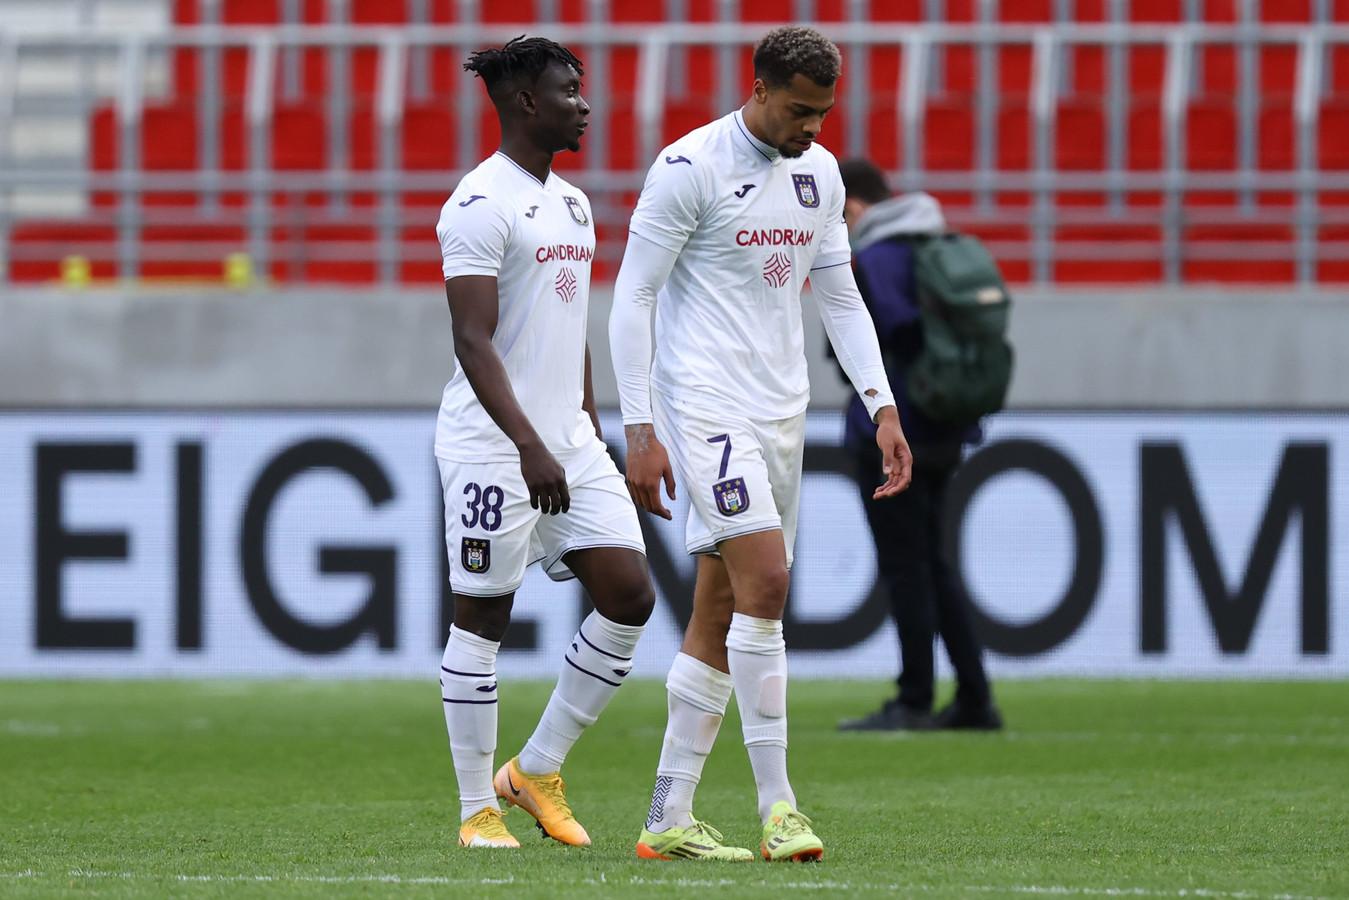 Quatre partages, deux défaites: un bilan insuffisant pour Anderlecht en playoffs.